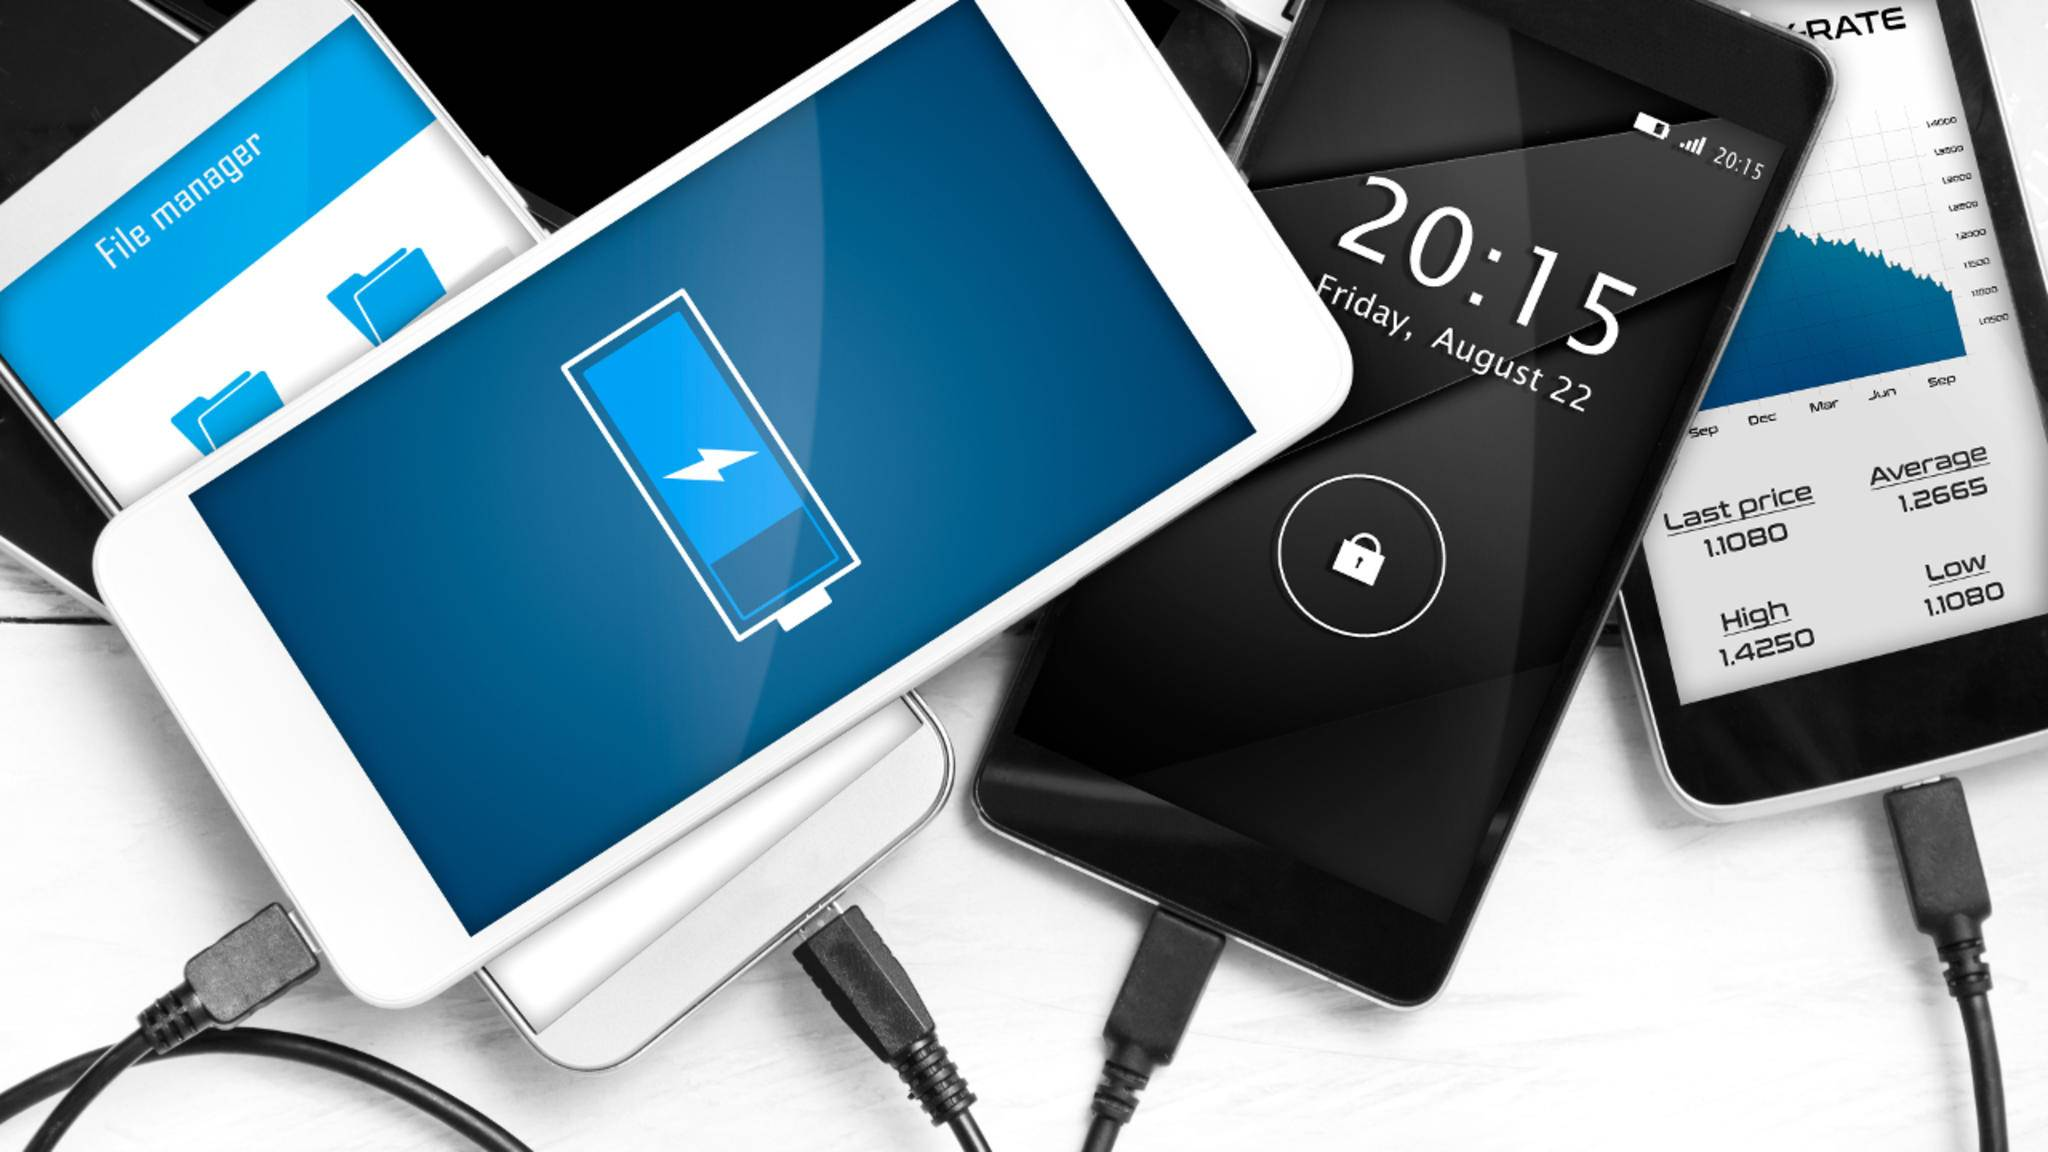 Apple tauscht ab sofort iPhone-Akkus für weniger Geld.